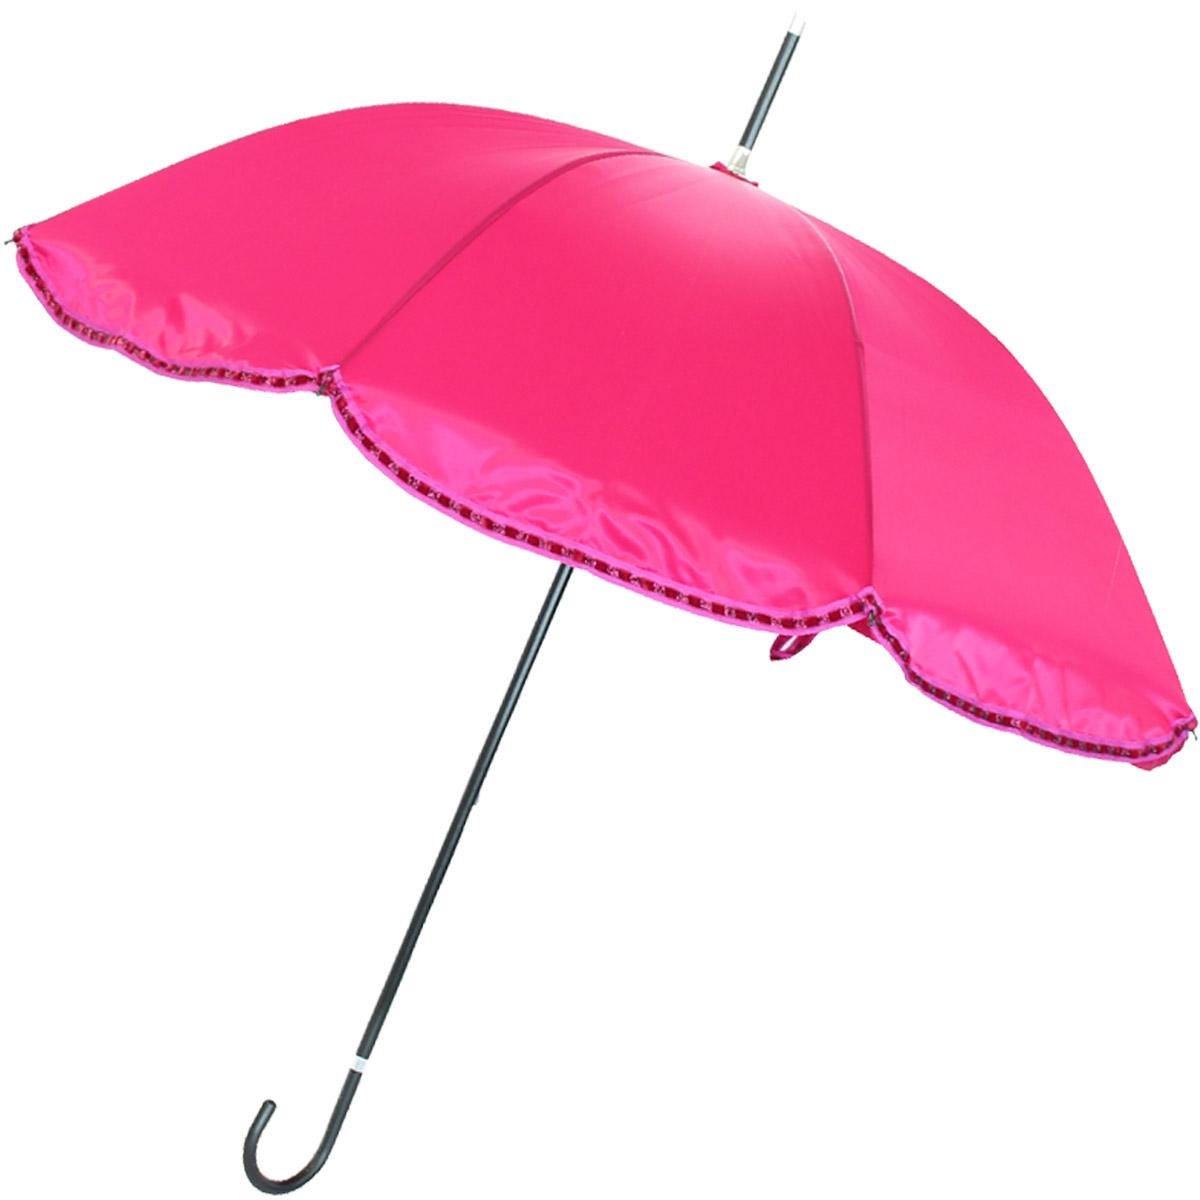 damen regenschirm venedig schirm pink 104 95. Black Bedroom Furniture Sets. Home Design Ideas